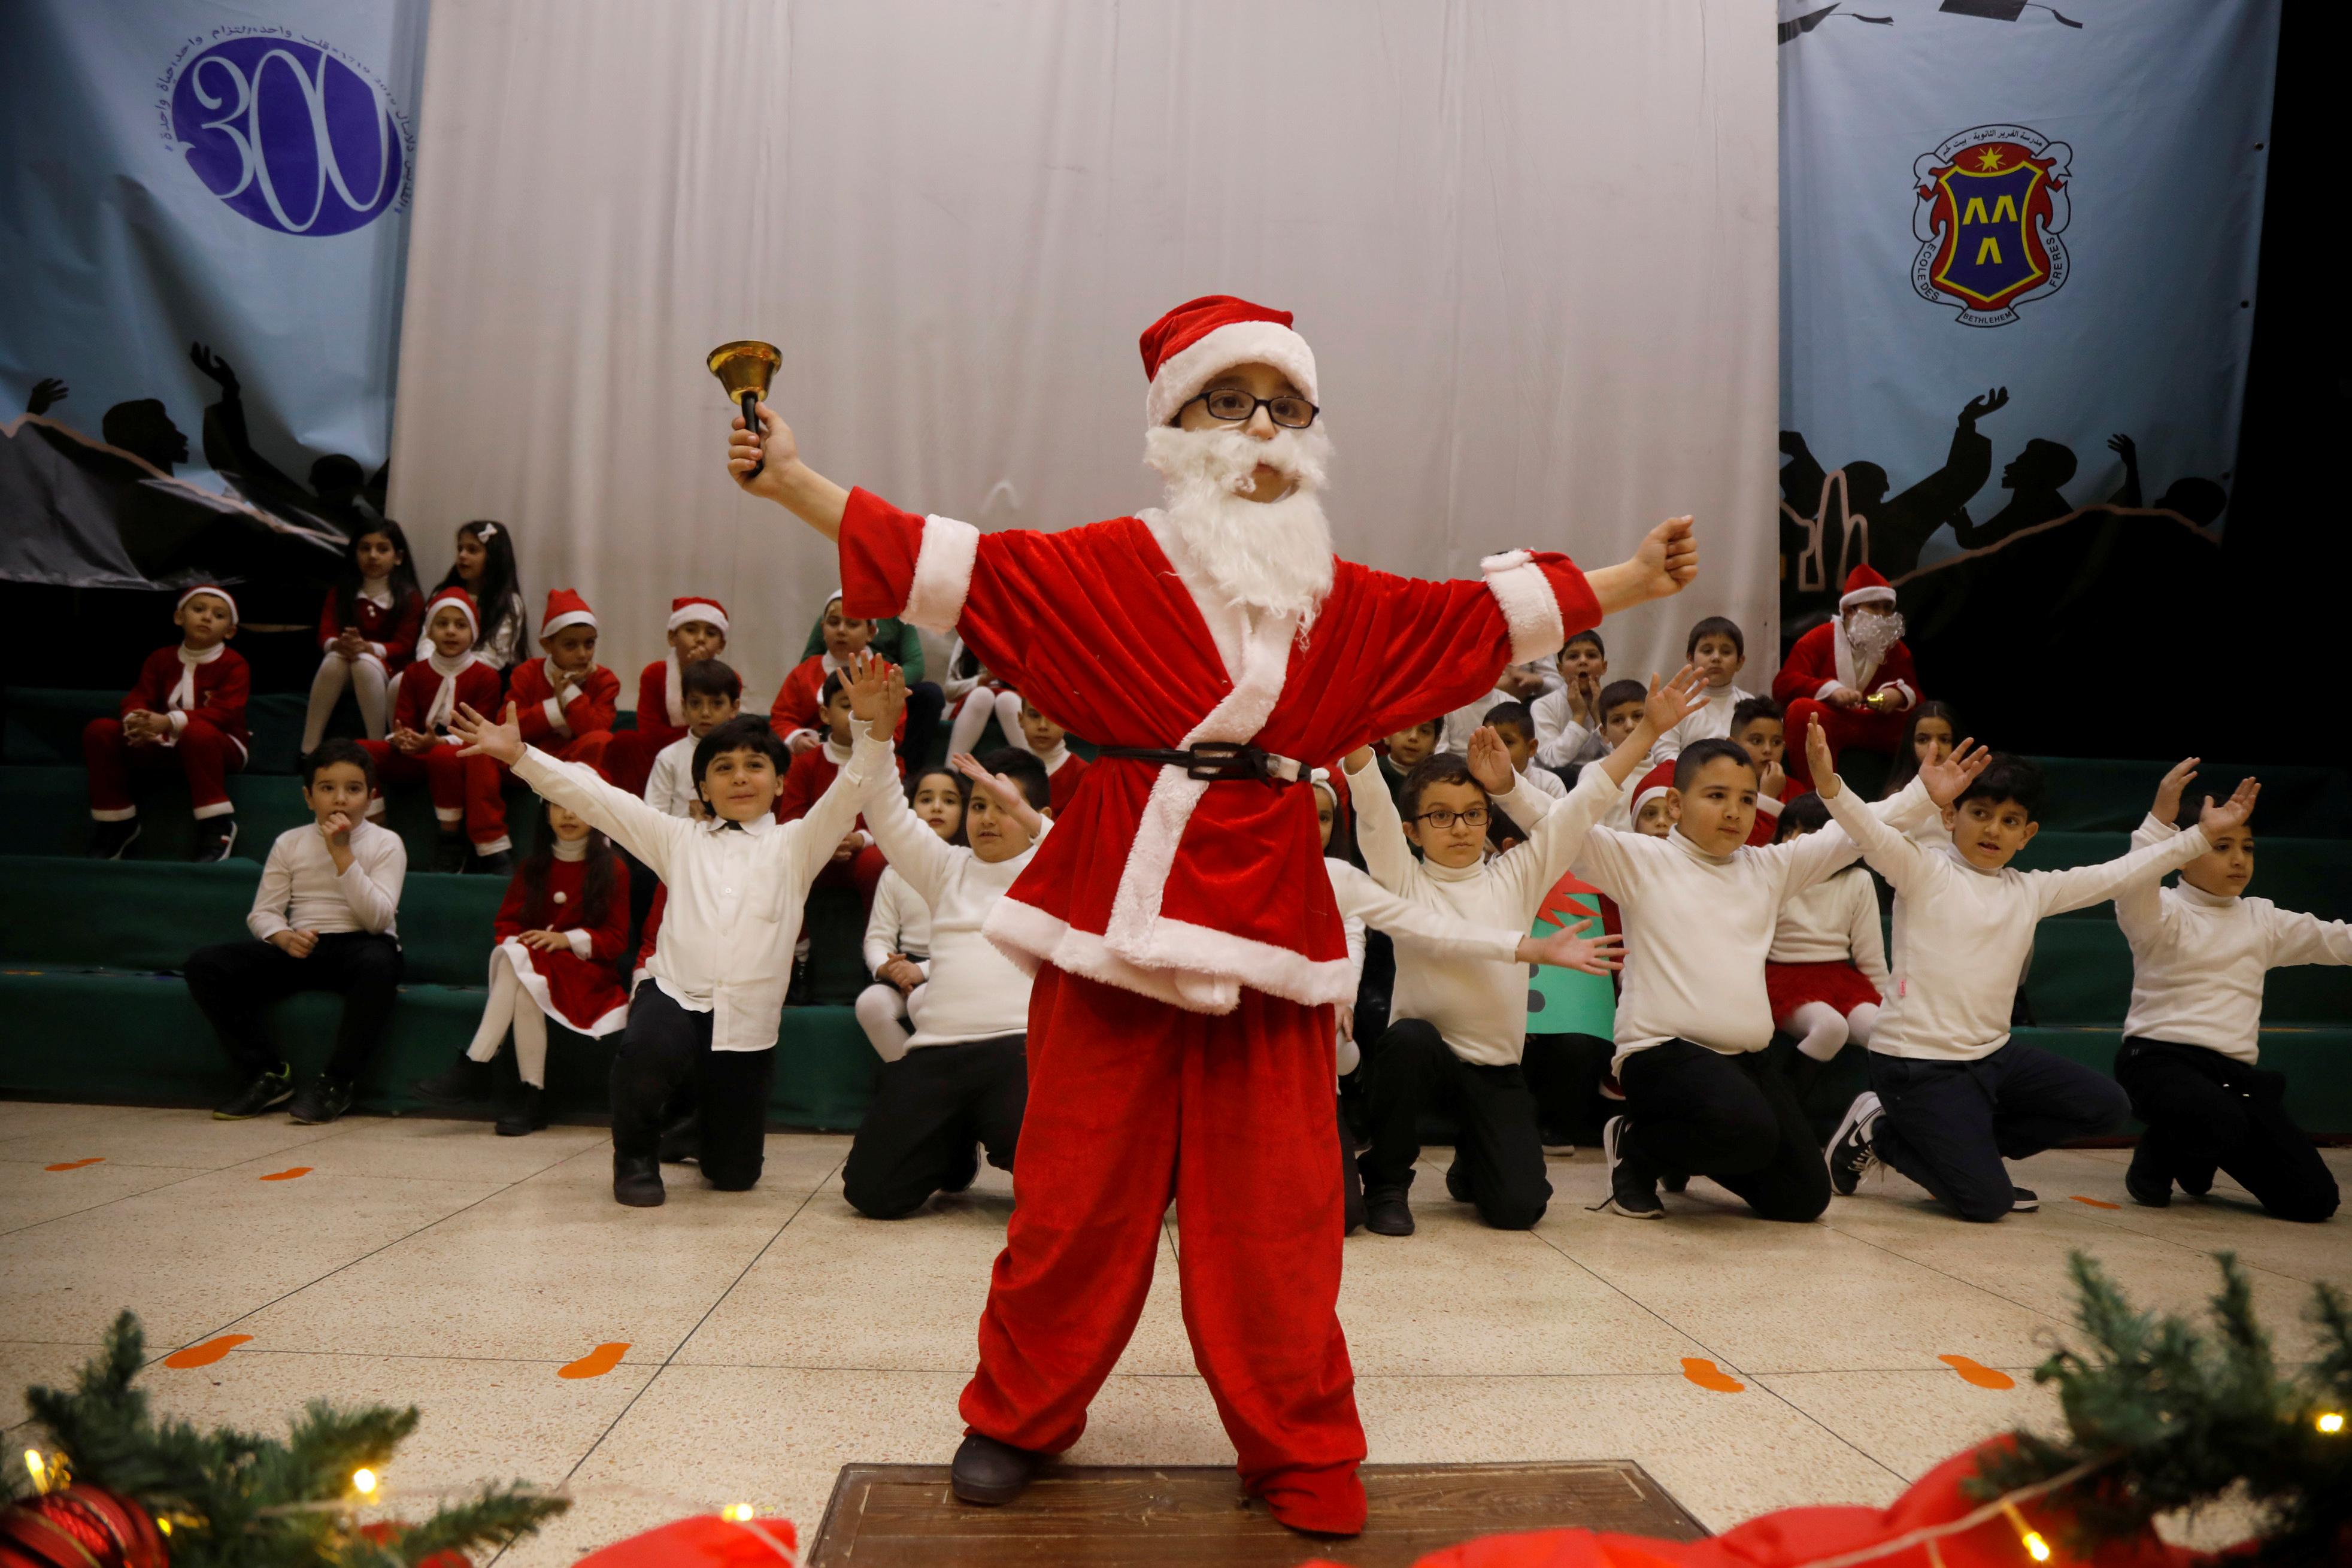 Un niño palestino vestido como Santa Claus se presenta en un espectáculo navideño en la escuela College Des Freres en Belén, en la Cisjordania ocupada por Israel el 17 de diciembre de 2019 (Fotografía tomada el 17 de diciembre de 2019 (Reuters/ Raneen Sawafta)